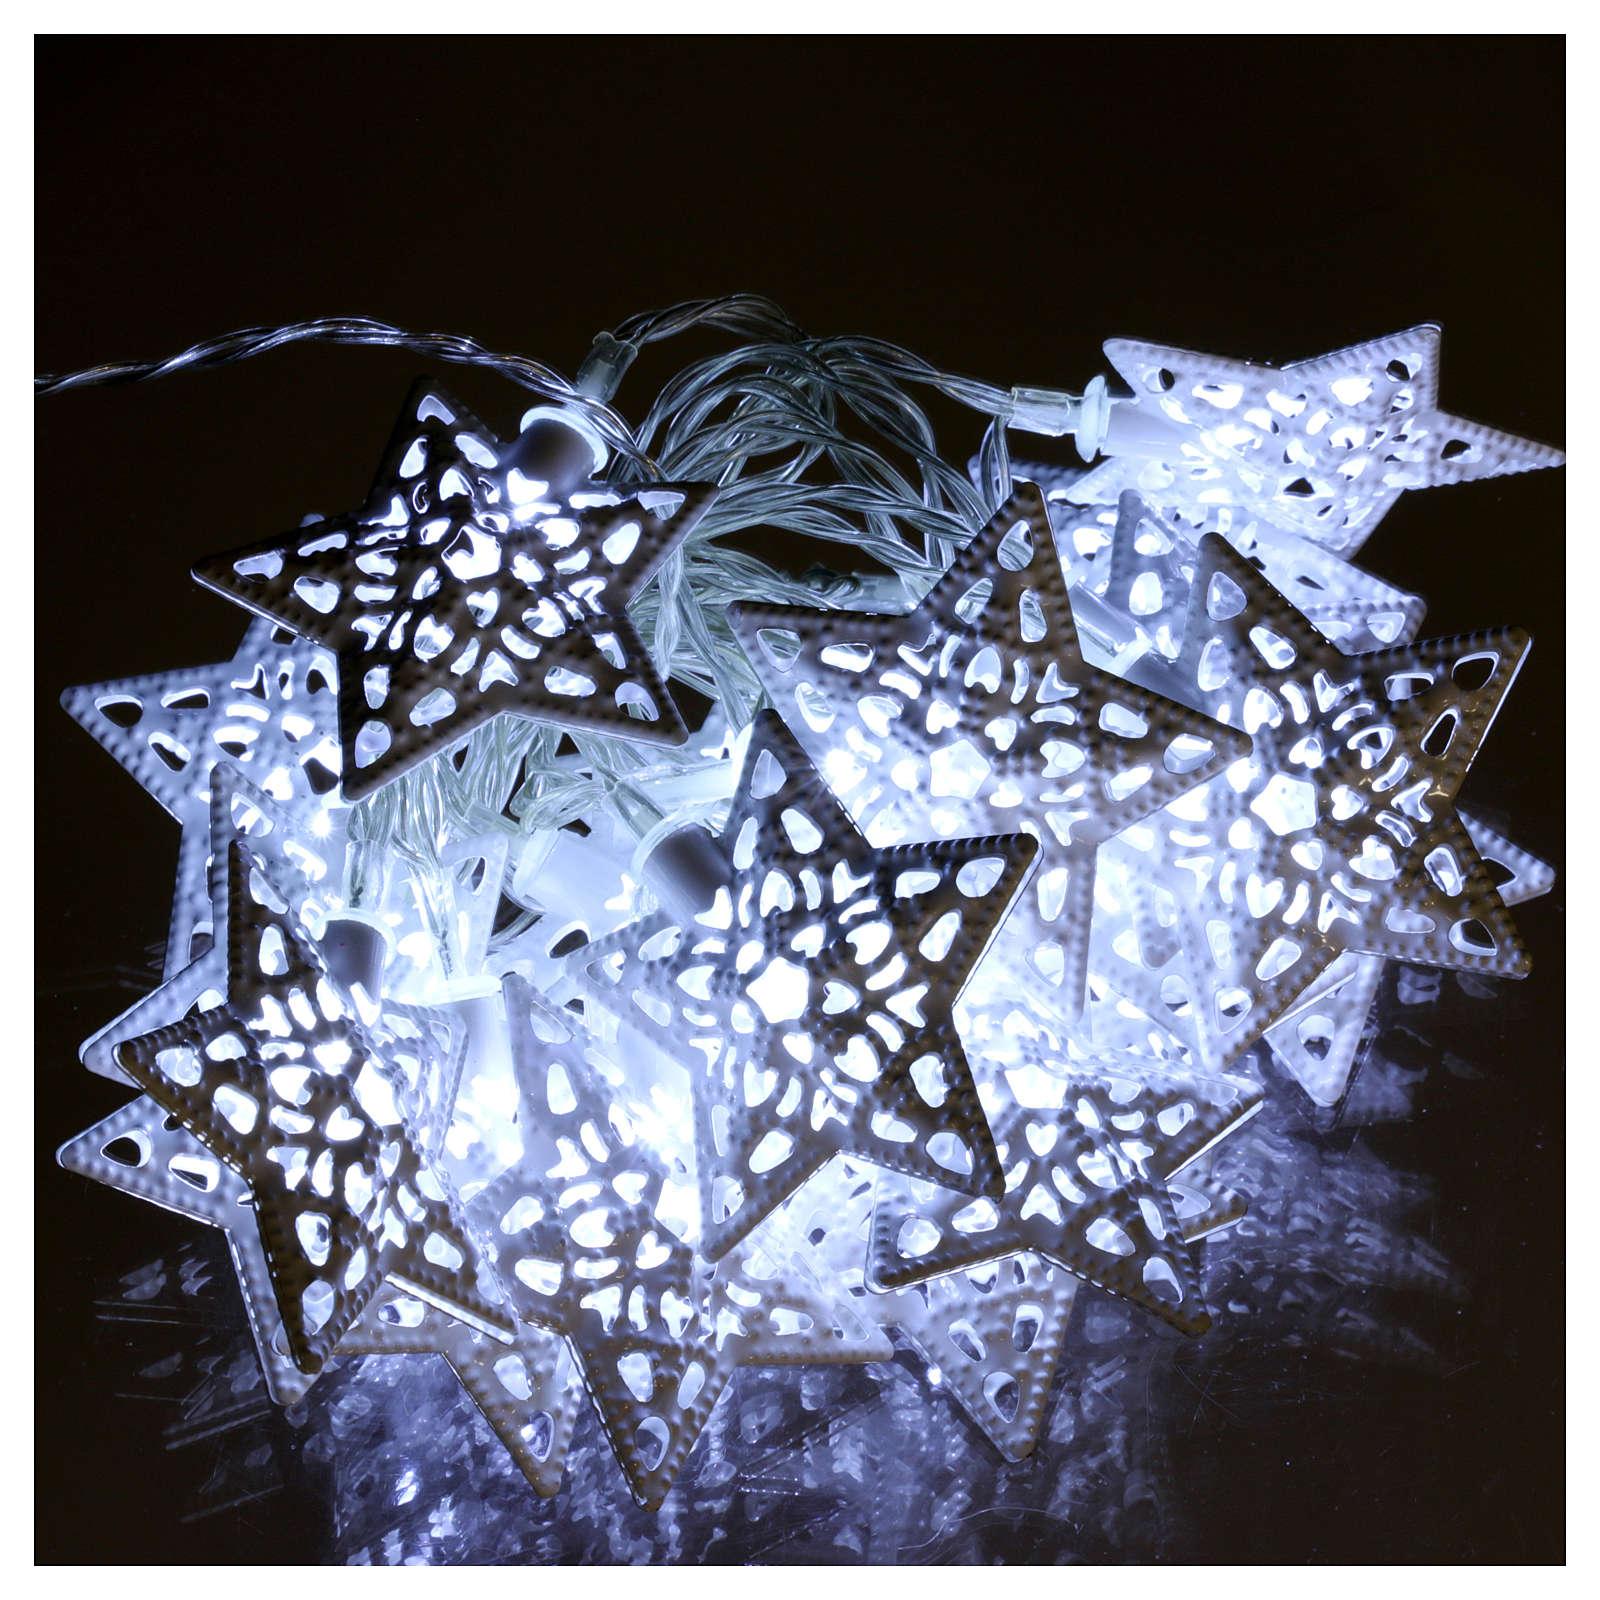 Catena luci 20 led stelle bianco ghiaccio interno 3